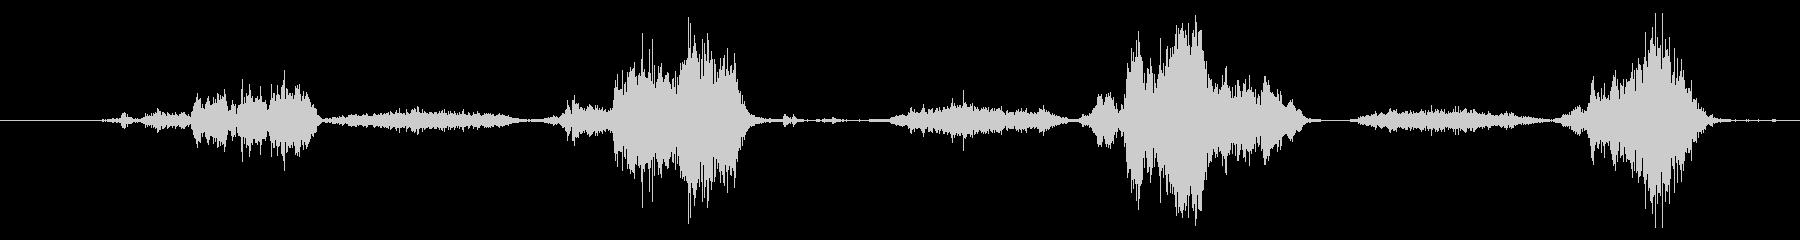 擬音 ハンドソーウッド03の未再生の波形